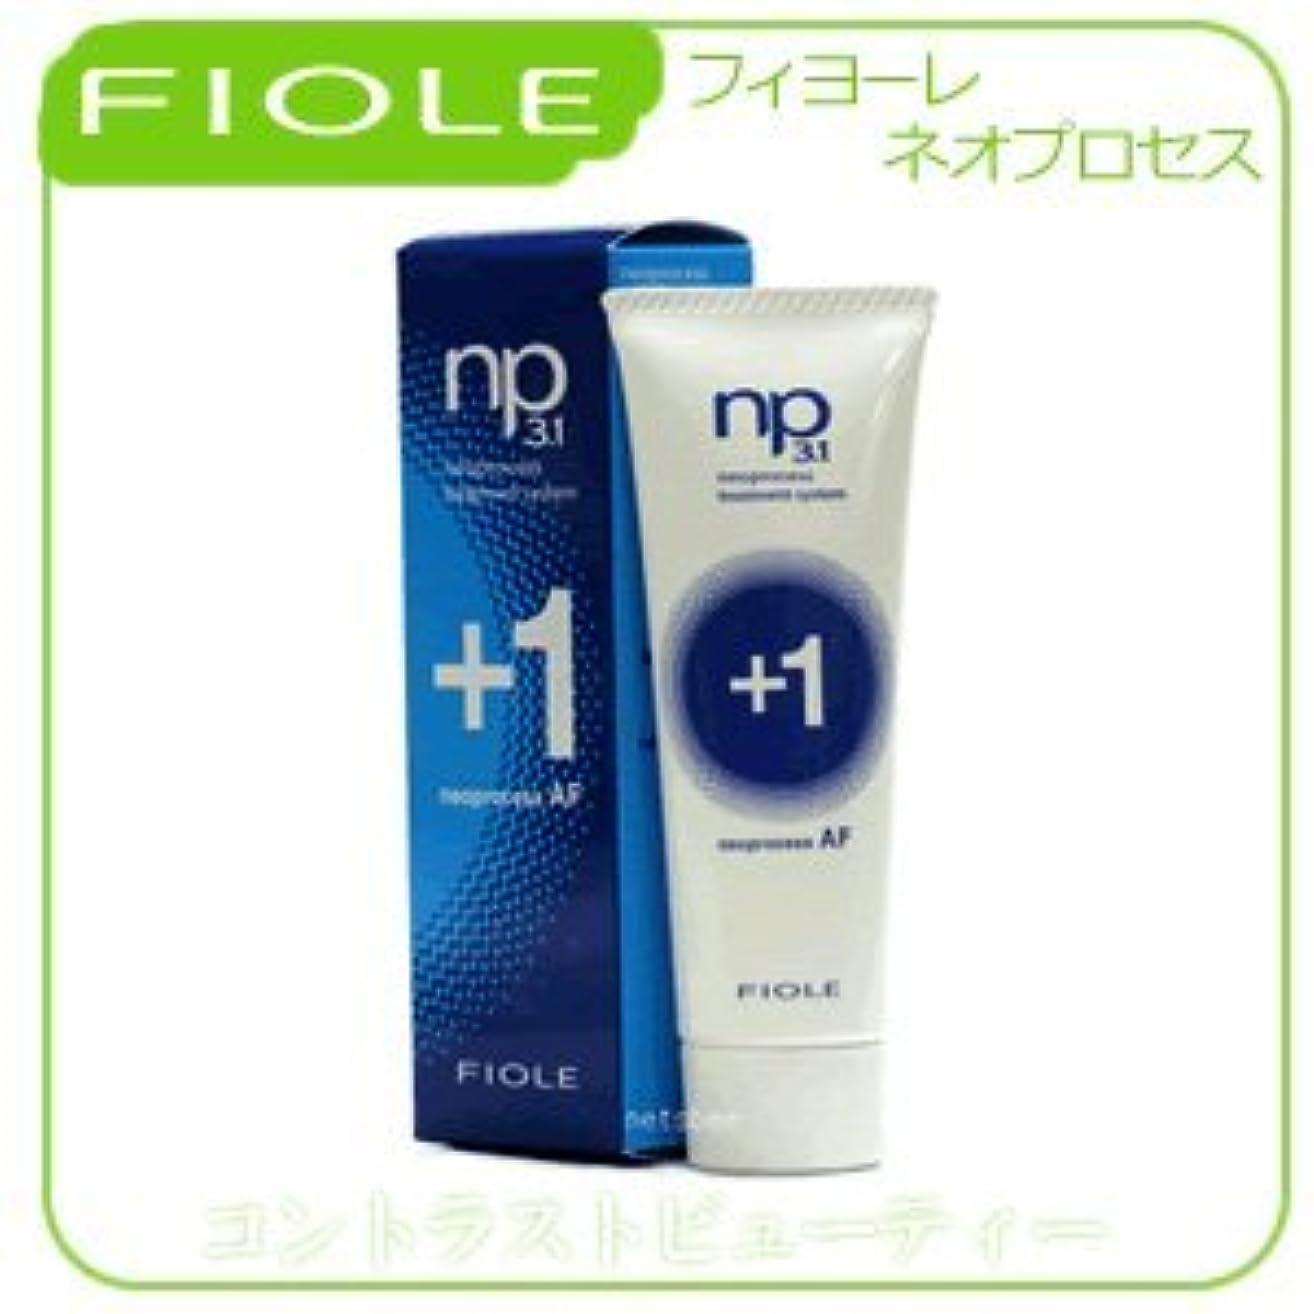 セミナー白いすぐに【X4個セット】 フィヨーレ NP3.1 ネオプロセス AFプラス1 240g FIOLE ネオプロセス